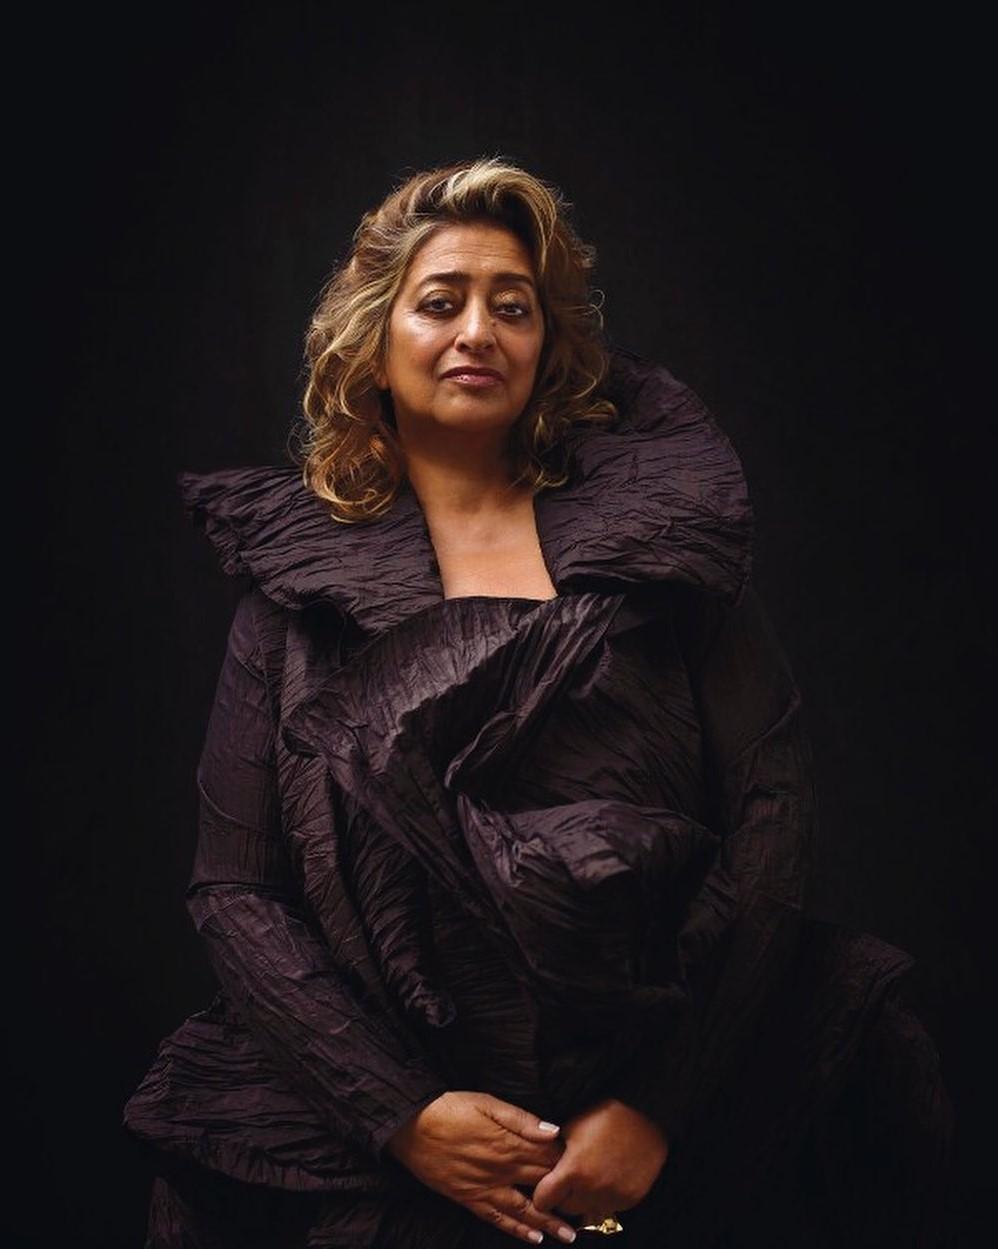 Заха Хадид | Космические работы самой известной женщины-архитектора Захи Хадид | Brain Berries